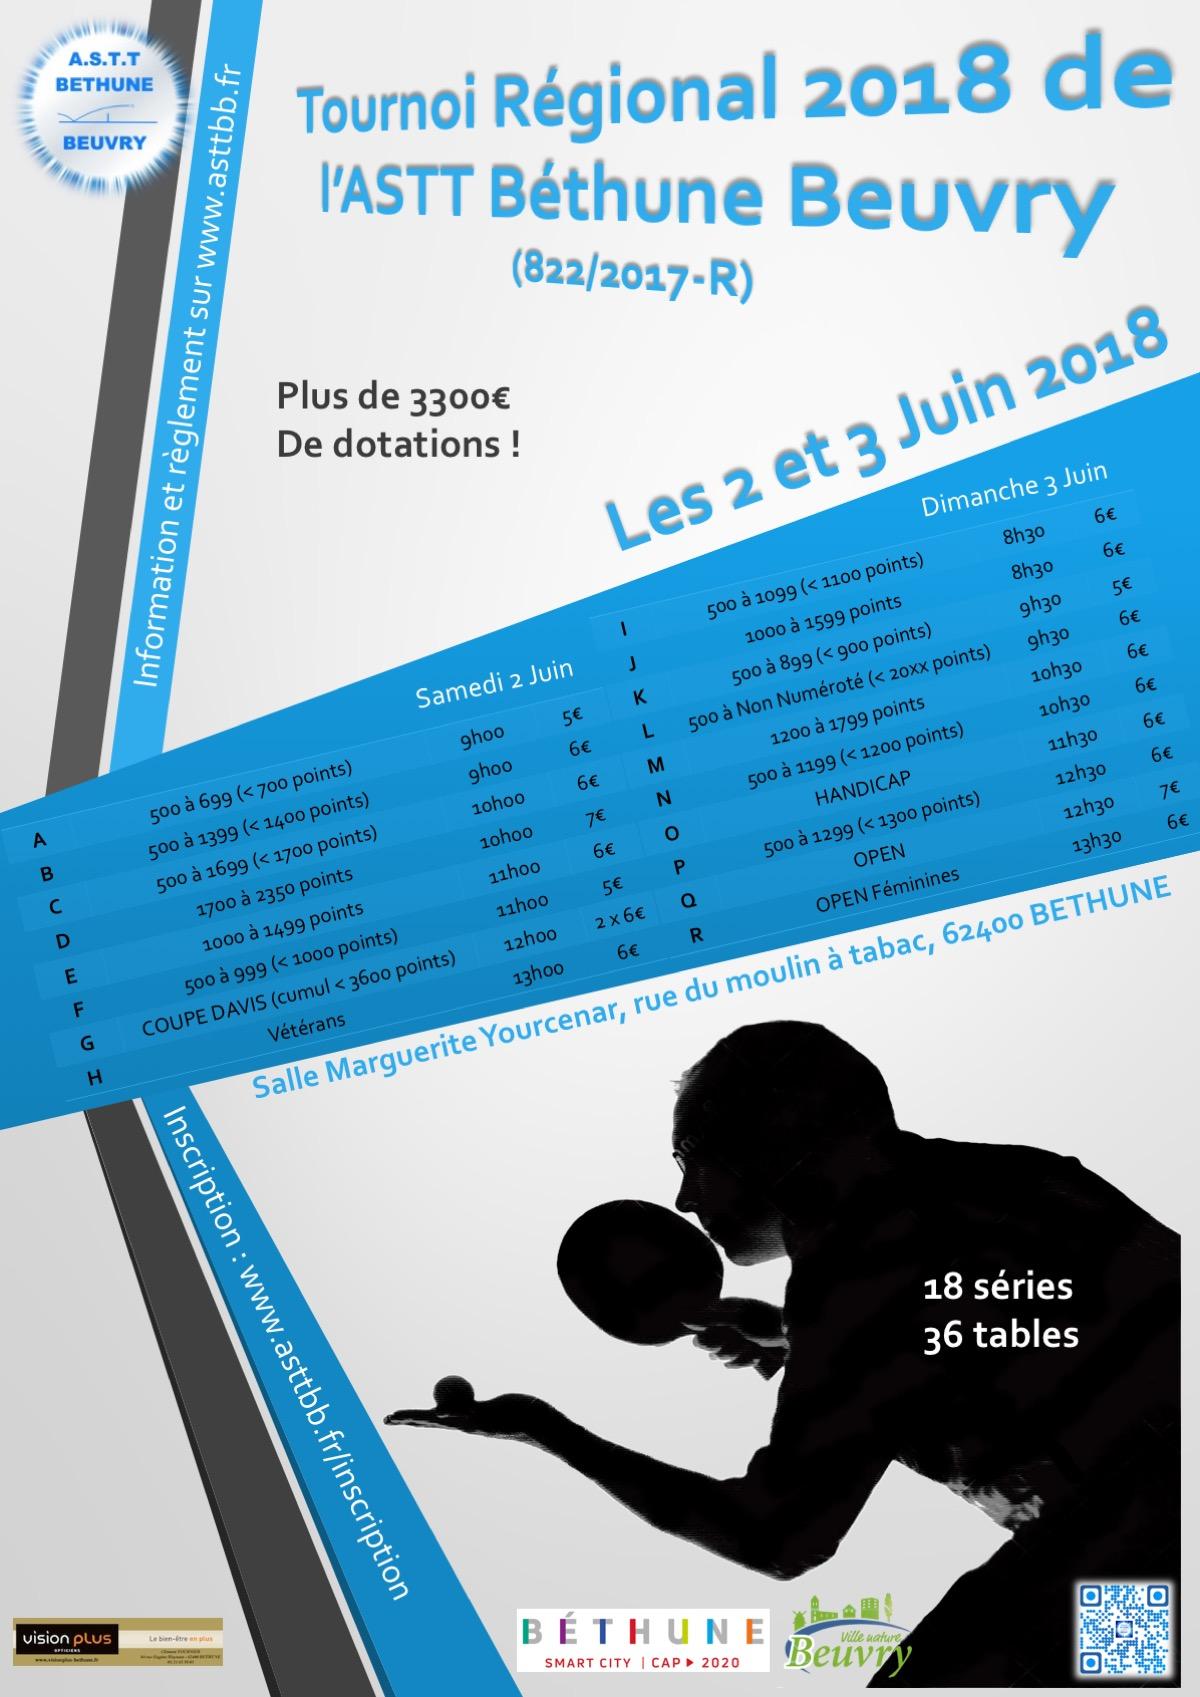 Tournoi régional de Bethune-Beuvry les 2 et 3 juin 2018 Tournoi2018